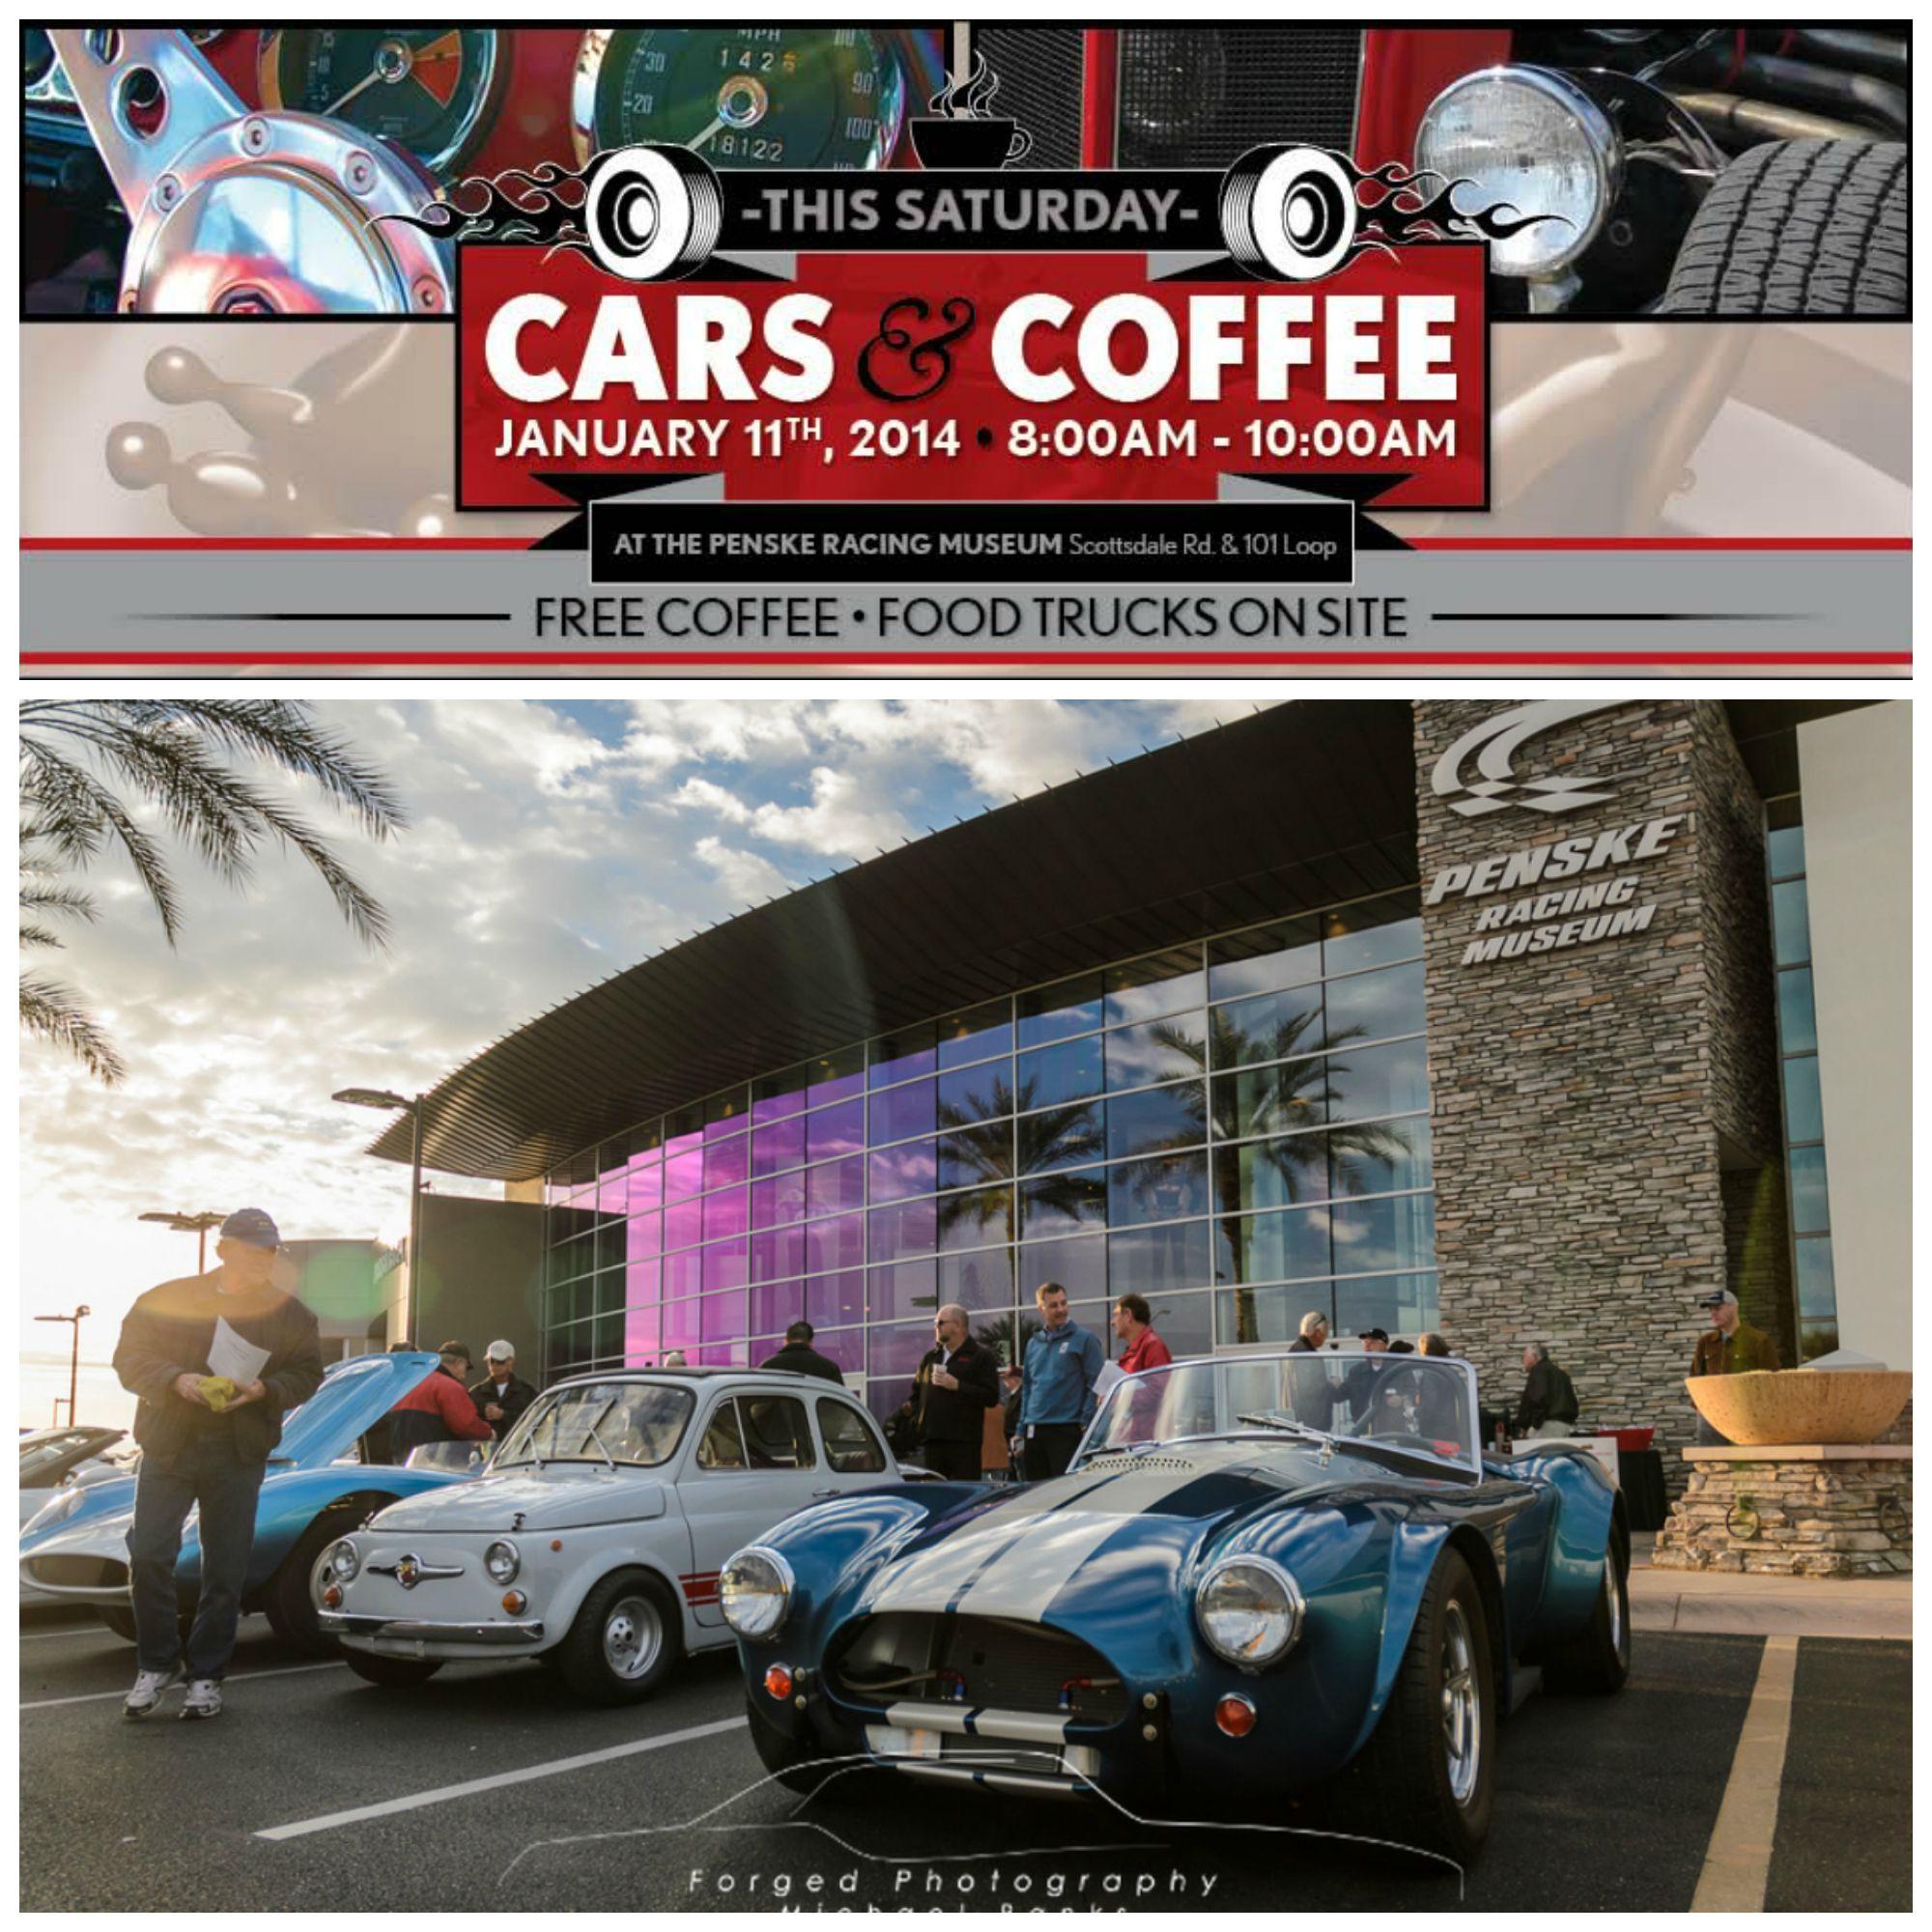 #CarsAndCoffee This Weekend 1-11-14 @penskemuseum! Join Us